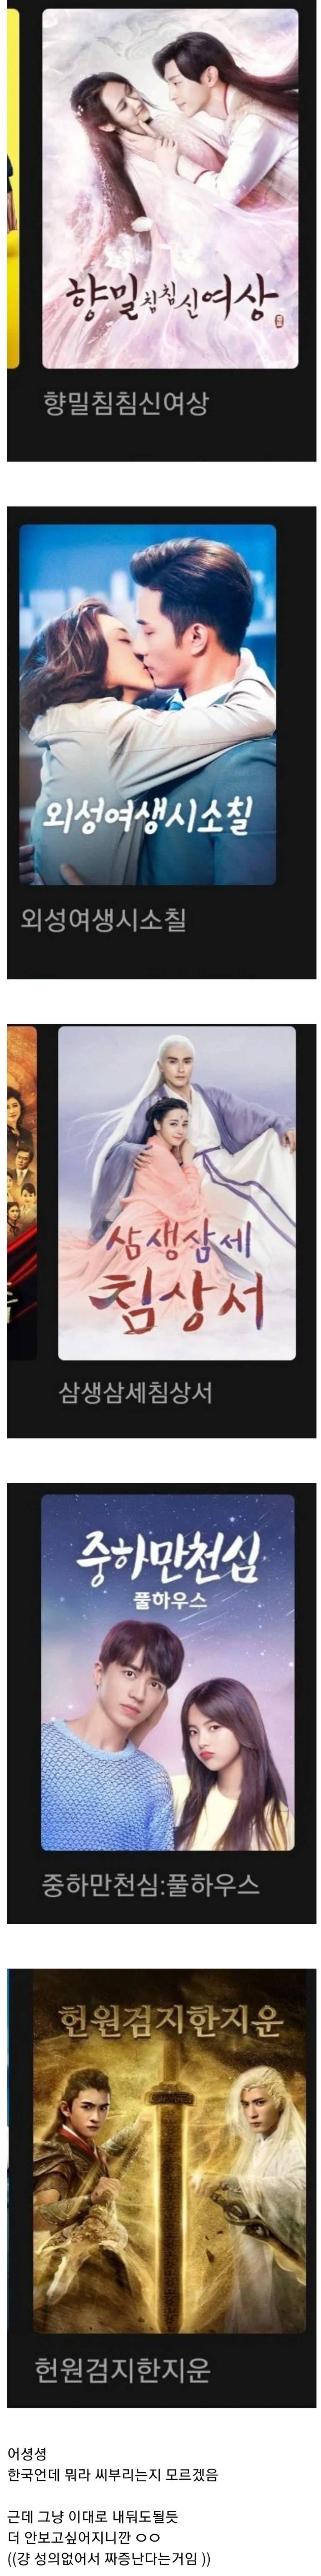 중국드라마 존나 짜증나는점.jpg | 인스티즈